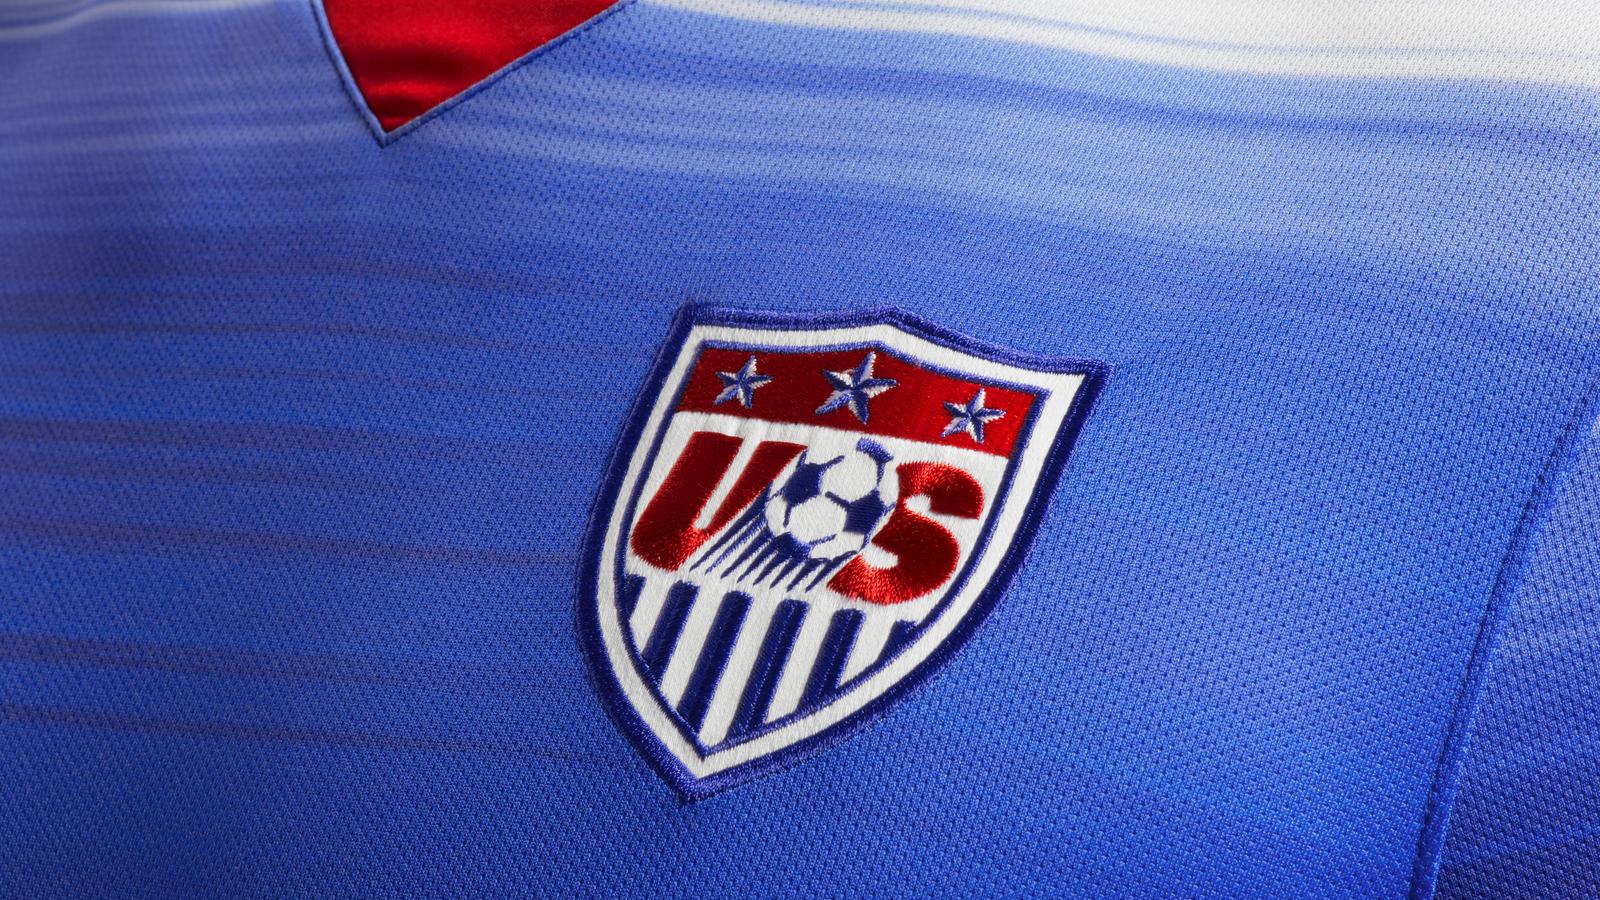 USMNT Away Jersey - Crest